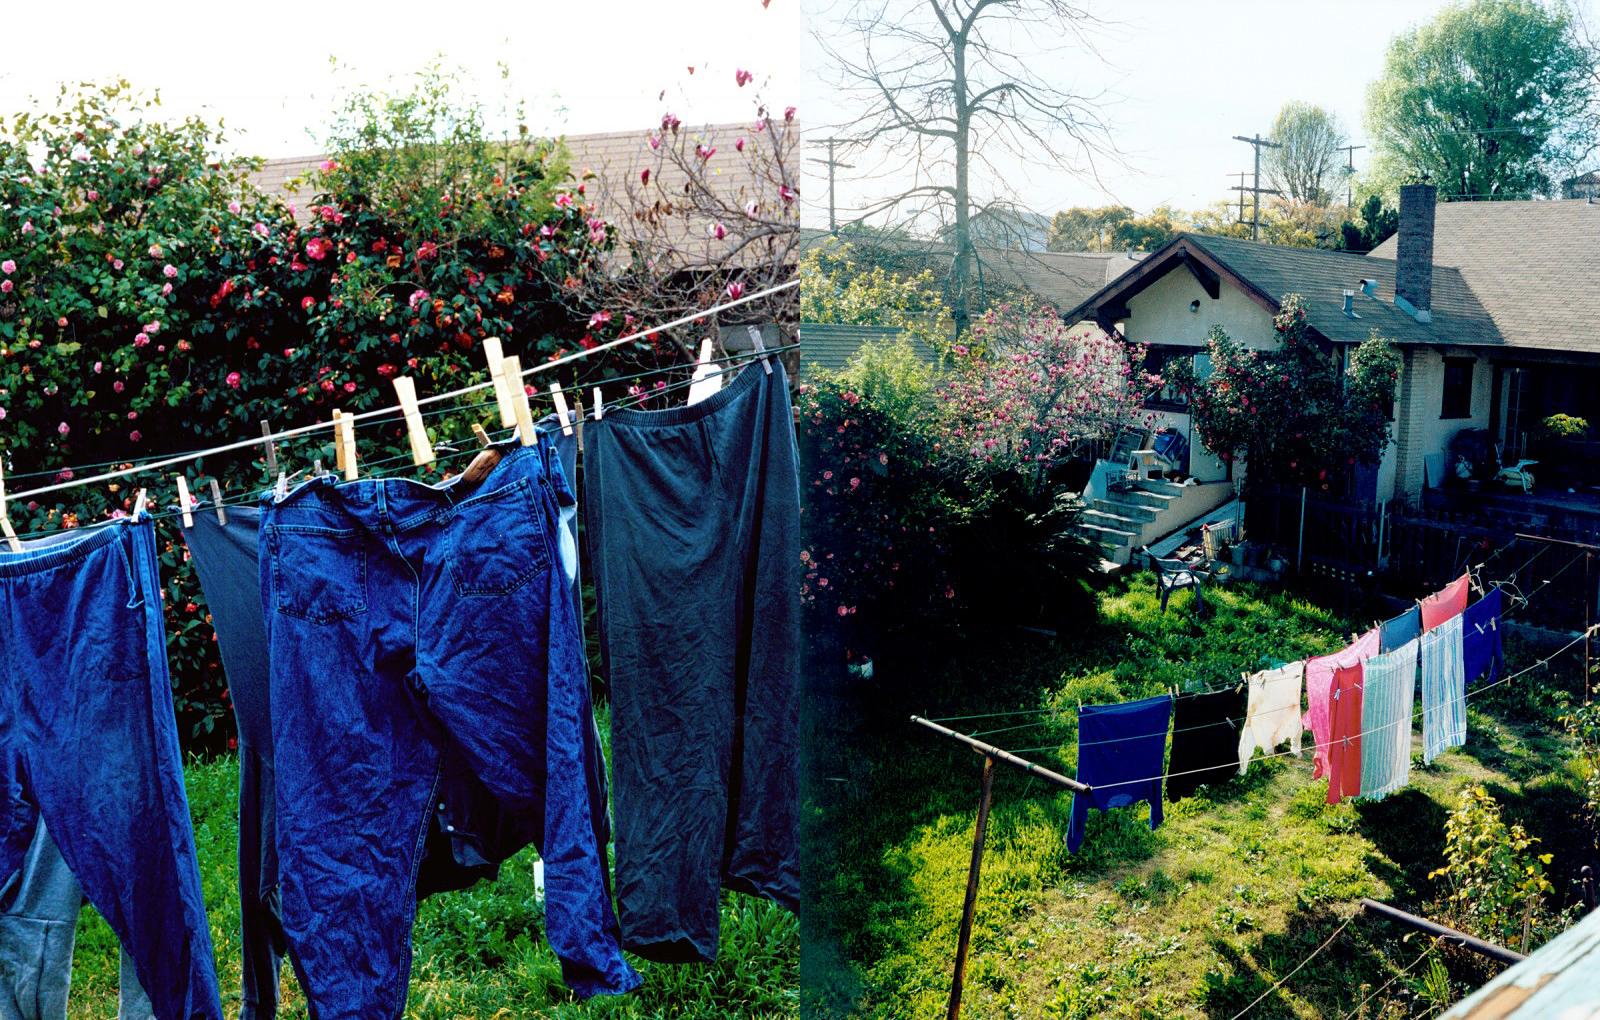 ec_backyard_42-43.jpg